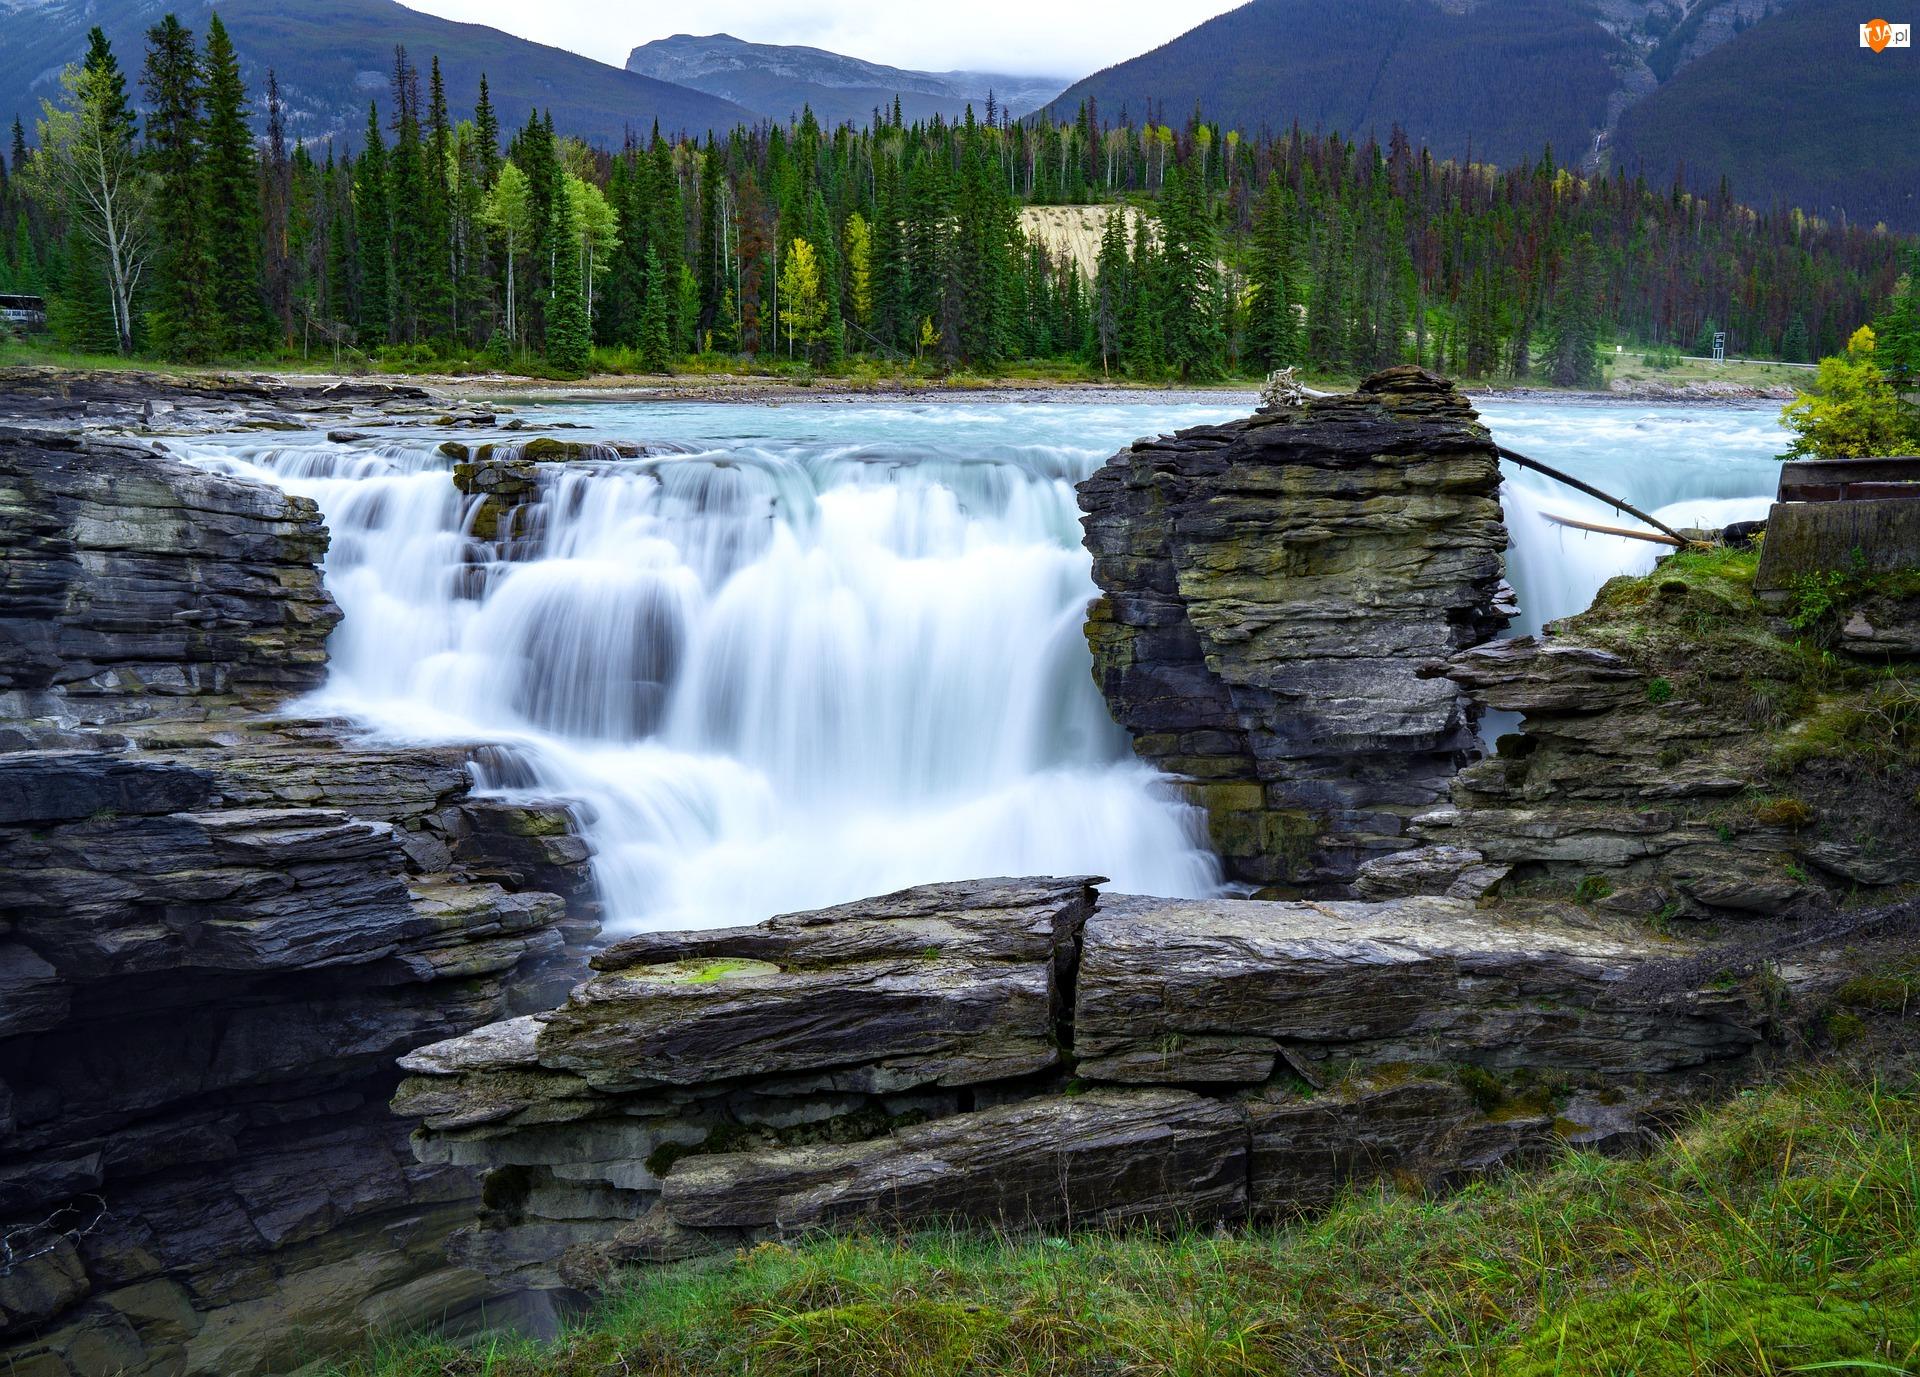 Wodospad Athabasca, Rzeka Athabasca, Kanada, Park Narodowy Jasper, Prowincja Alberta, Drzewa, Skały